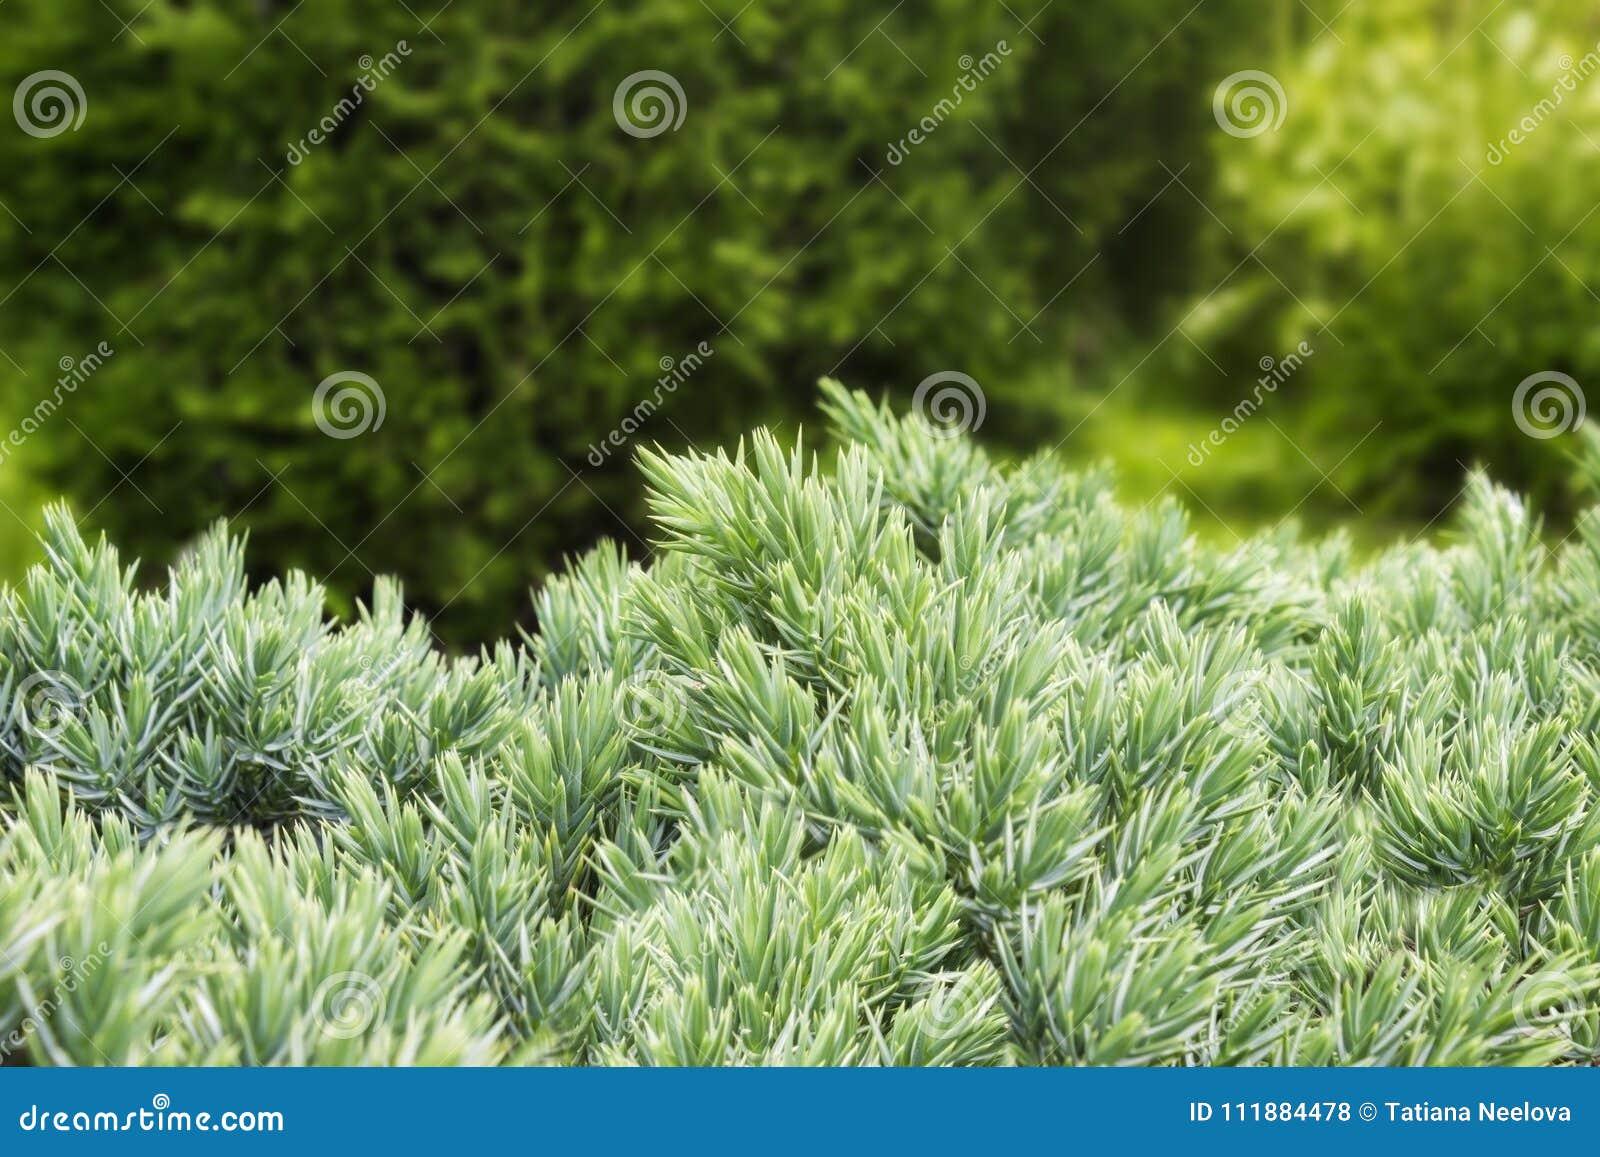 Cespugli Sempreverdi Con Fiori la foto del cespuglio di ginepro sempreverde con gli aghi